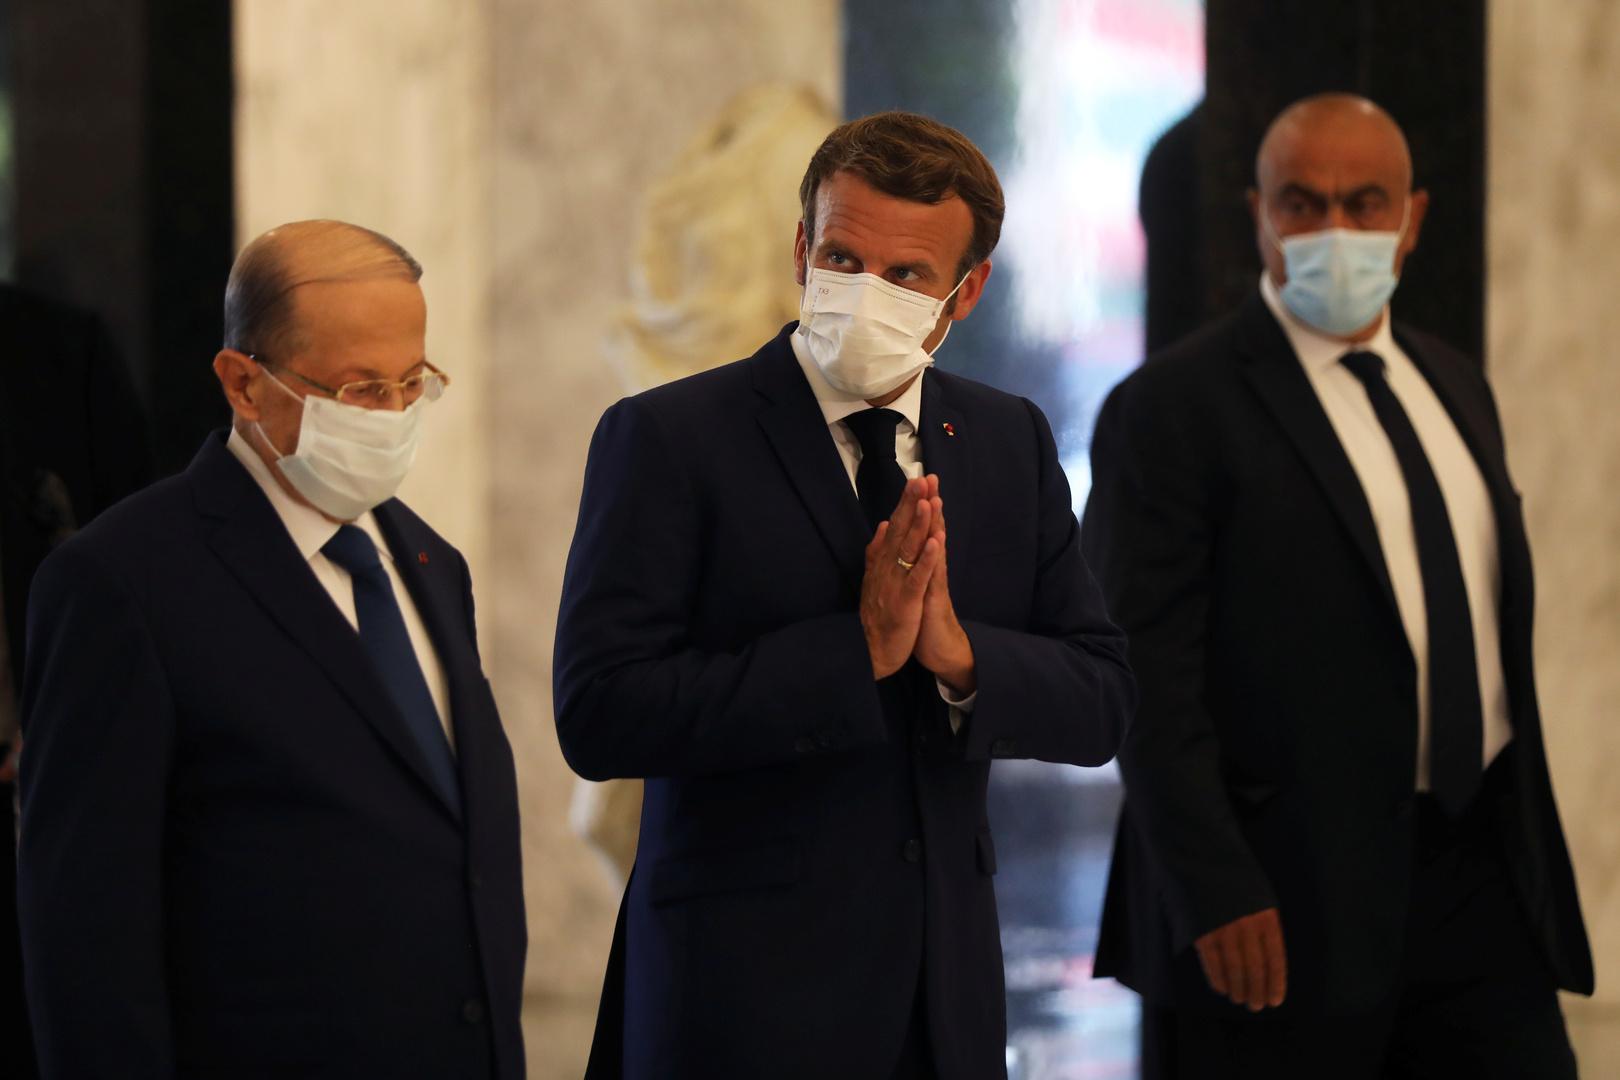 ماكرون يلتقي الرؤساء الثلاثة في بعبدا: أنا هنا اليوم لاقترح عليهم اتفاقا سياسيا جديدا